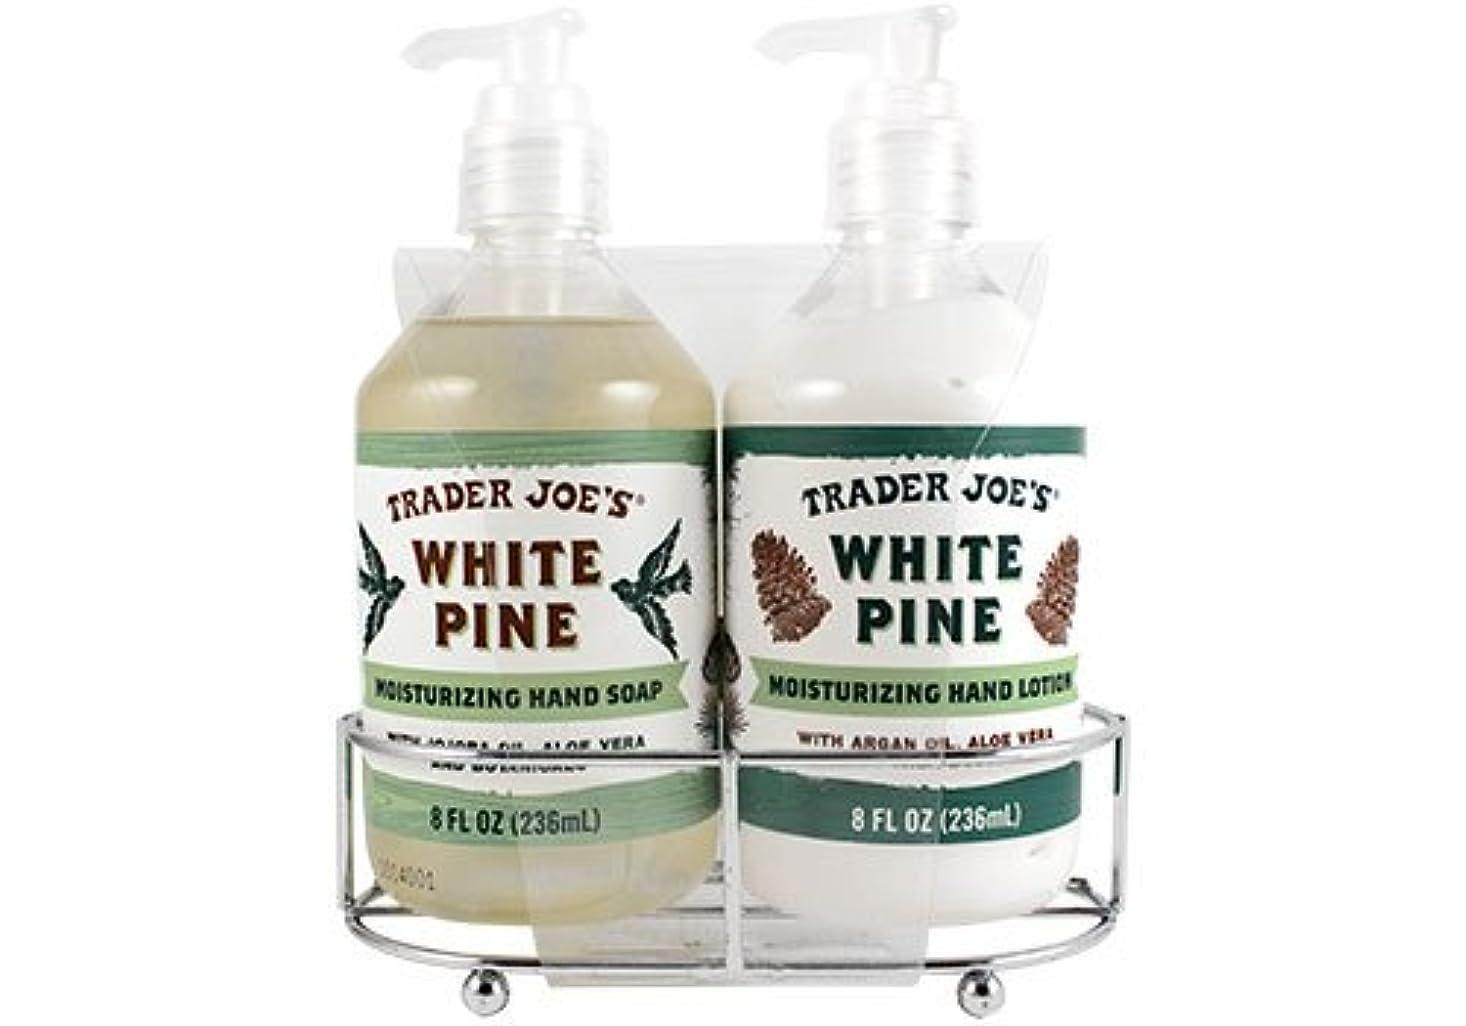 人に関する限りデジタルであるホワイト パイン モイスチャー ハンドソープ と ローション トレー付き トレーダー ジョーズ 限定 White Pine Moisturizing Hand Soap & Hand Lotion Set Trader Joes